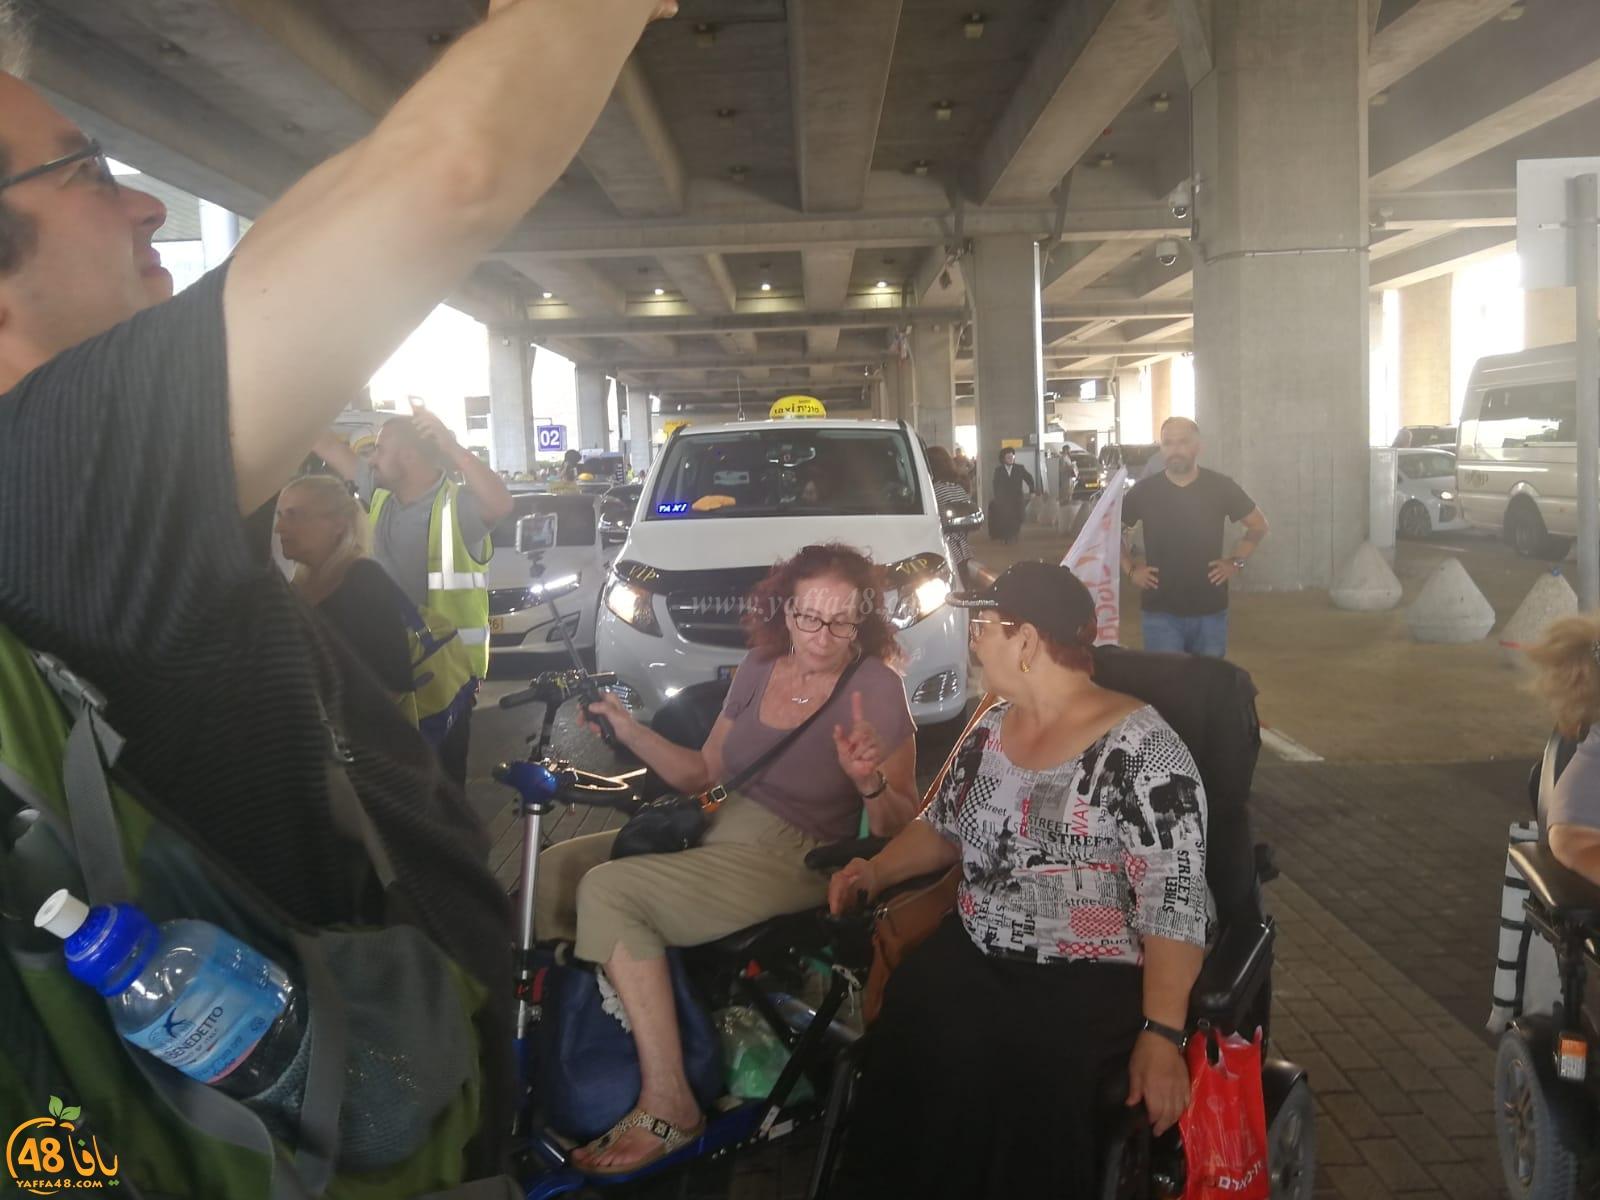 بالصور: ذوو الاحتياجات الخاصة يتظاهرون ويغلقون شوارع مطار اللد